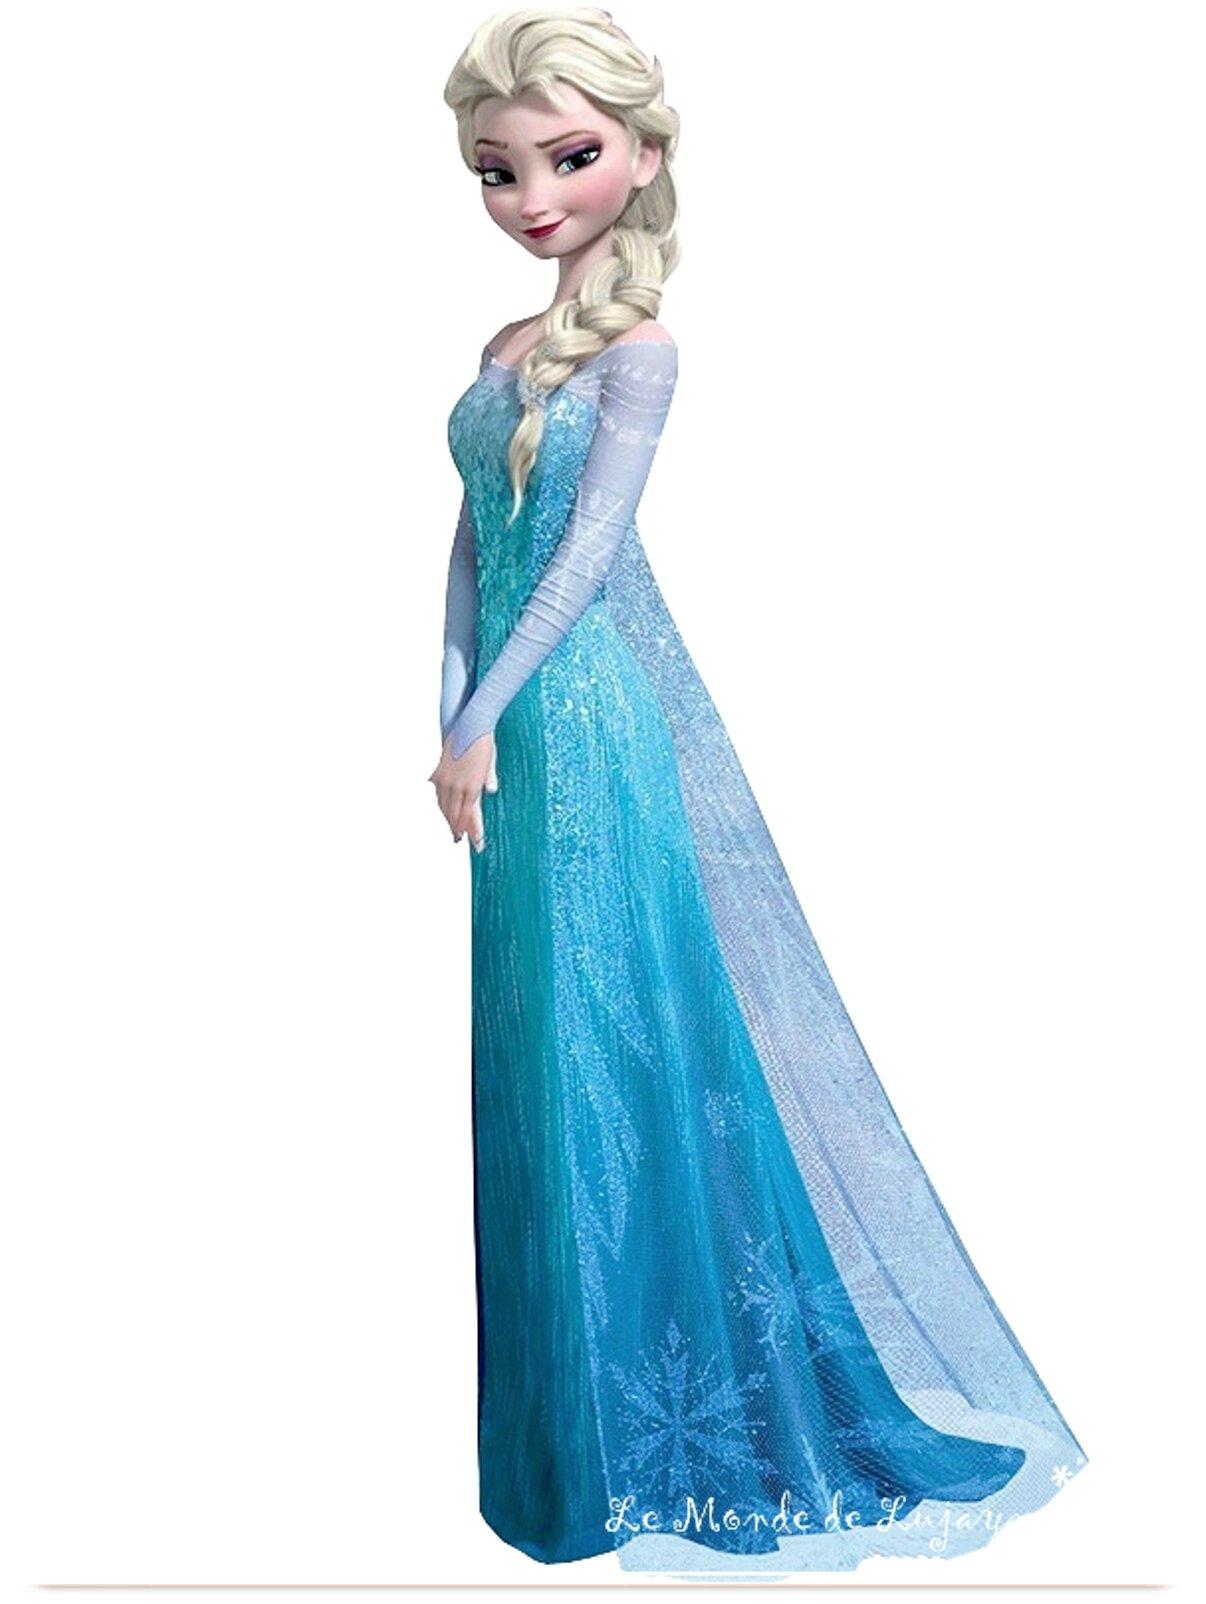 voici donc le costume delsa la reine des neiges pour grande puce qui va donc avoir trs bientt 6 ans jai utilis le patron mccalls m7000 ce nest